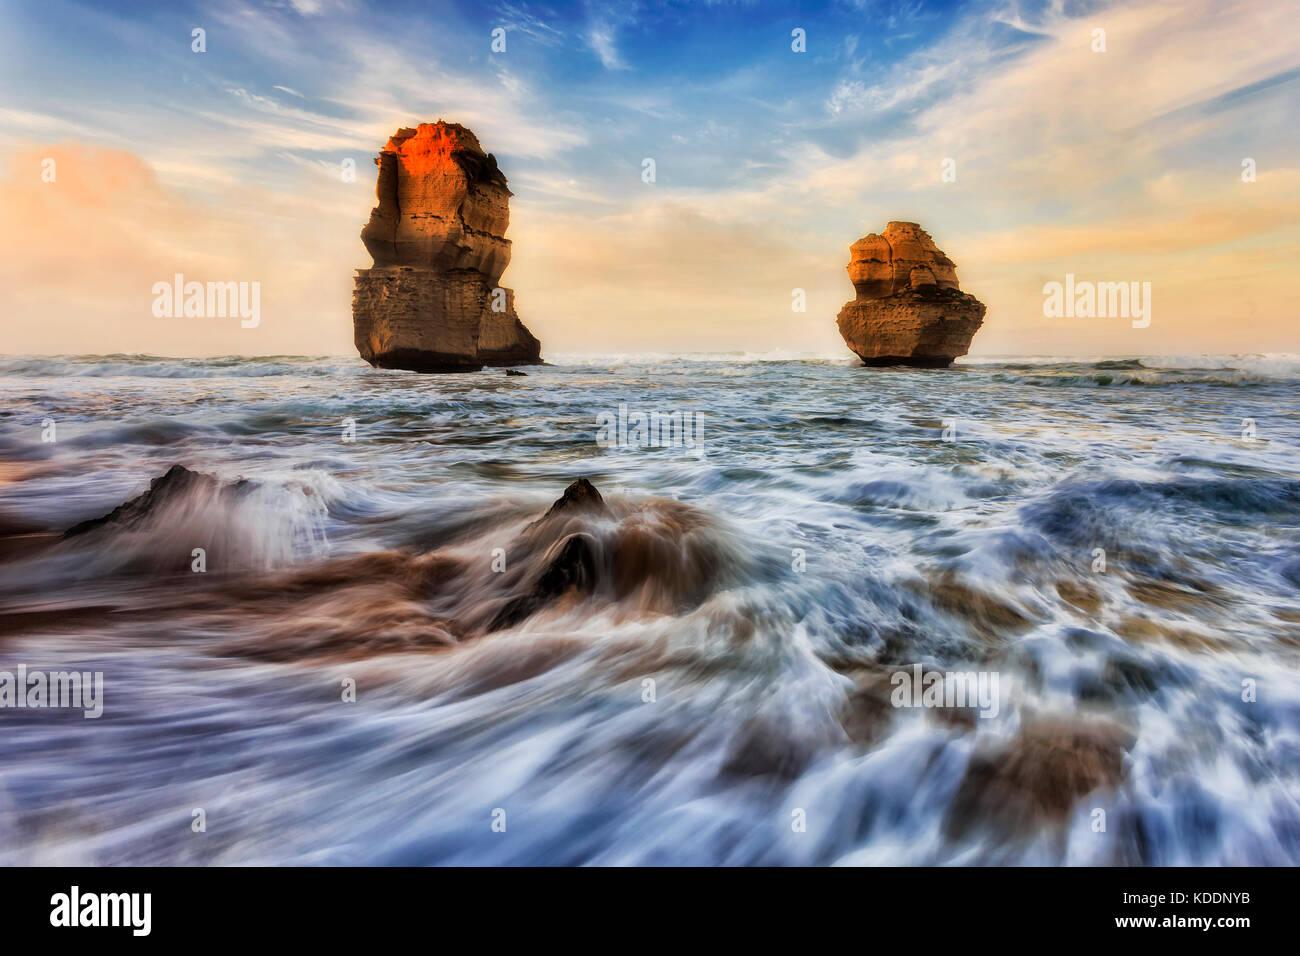 2 Kalkstein Apostel Gibson Schritte Strand in zwölf Apostel marine Park bei Sonnenaufgang Sonnenlicht. Stockfoto